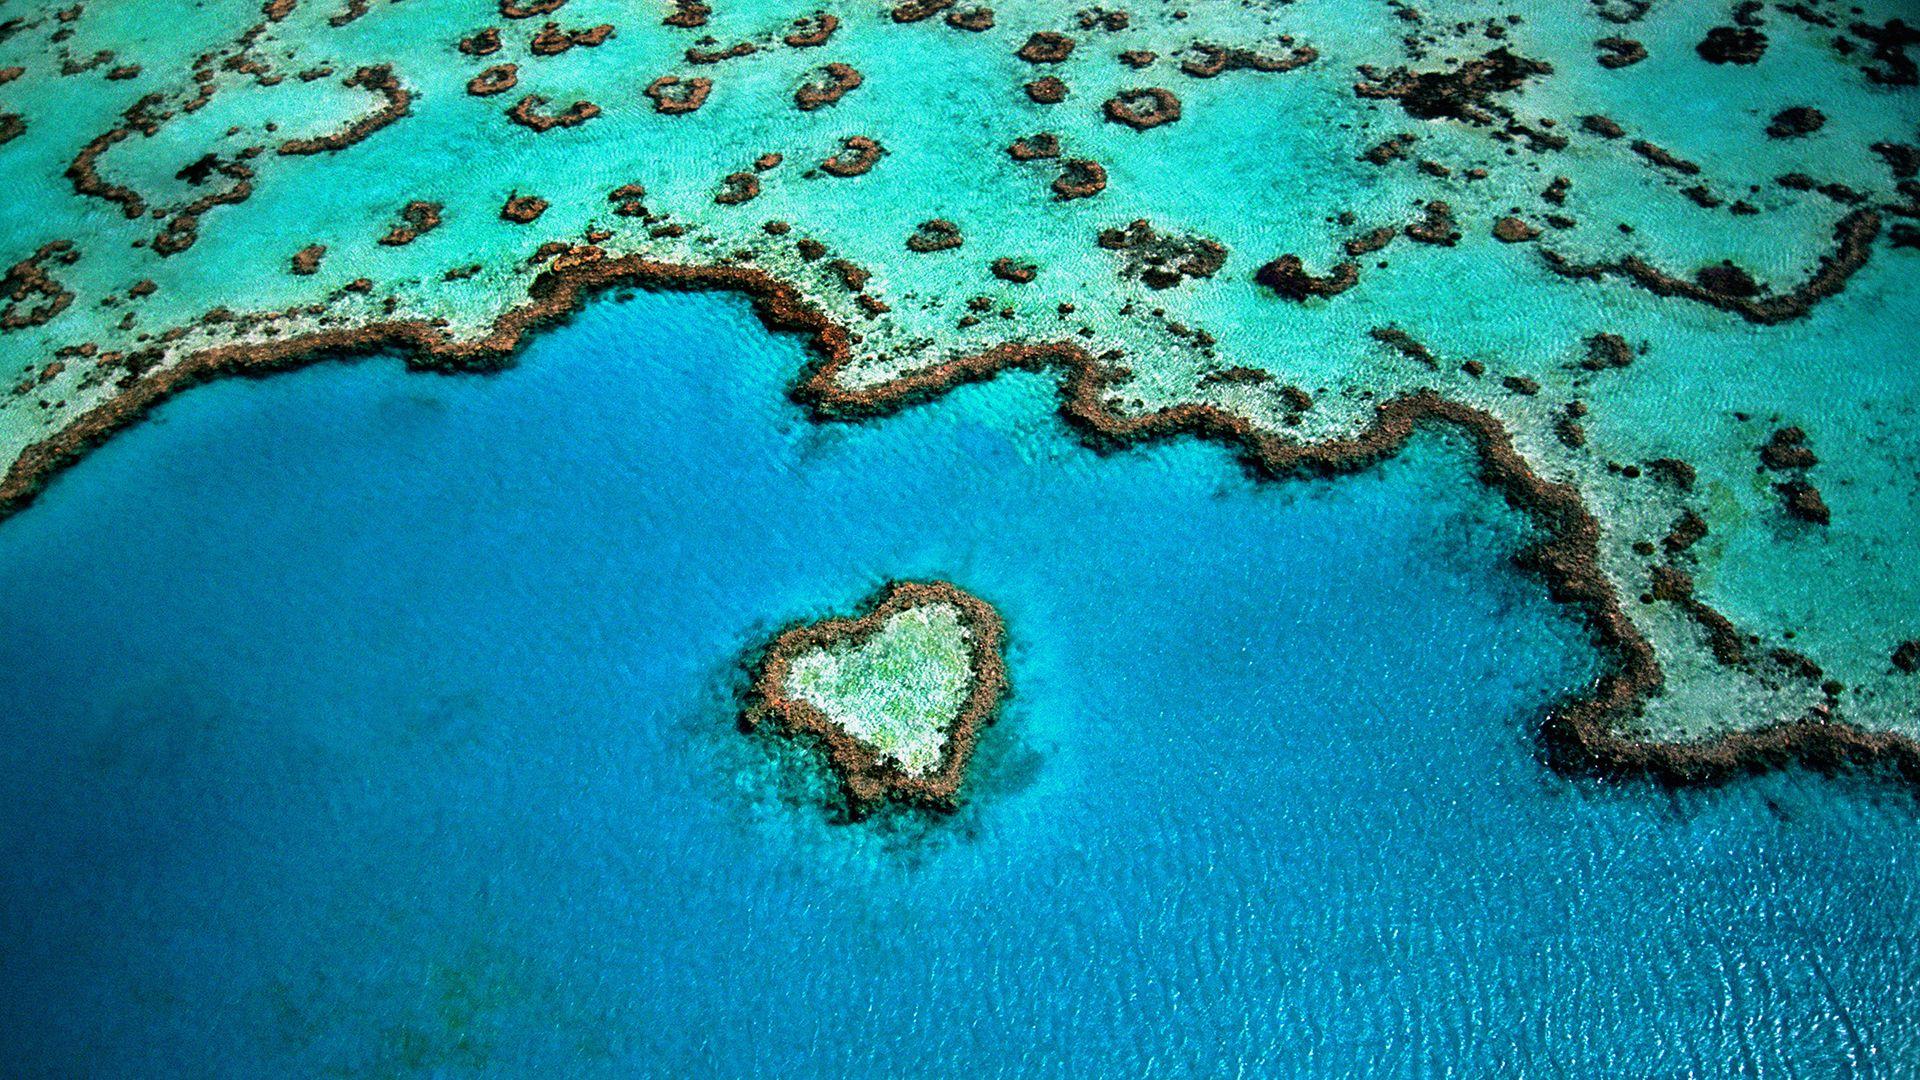 nagy korallzátony fehéredés klímaváltozás kutatás